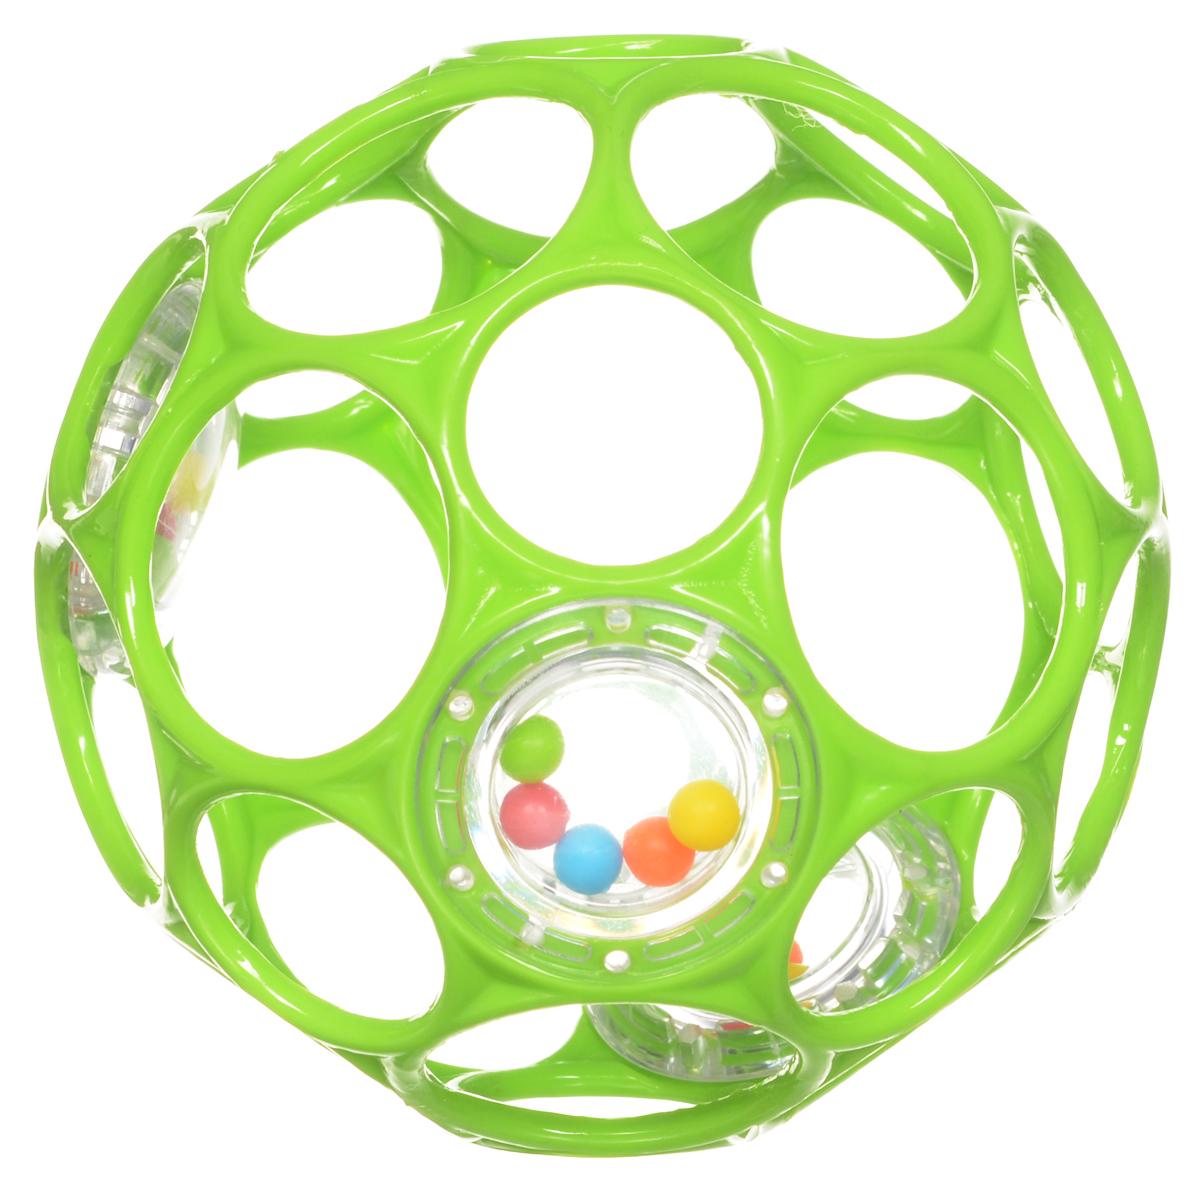 Oball Мячик Гремящий цвет салатовый81031_ салатовыйЯркий гремящий мячик издает забавные звуки, стоит малышу его потрясти. Ажурный и легкий мячик имеет много крупных дырочек, что позволяет малышу удобно держать игрушку. По периметру мячика находятся 3 прозрачных контейнера с разноцветными бусинками, которые при тряске издают негромкий звук. Мячик выполнен из гибкого пластика, приятный на ощупь, не имеет острых краев, полностью безопасен для крохи. Игрушка развивает мелкую моторику, зрение и слух малыша.